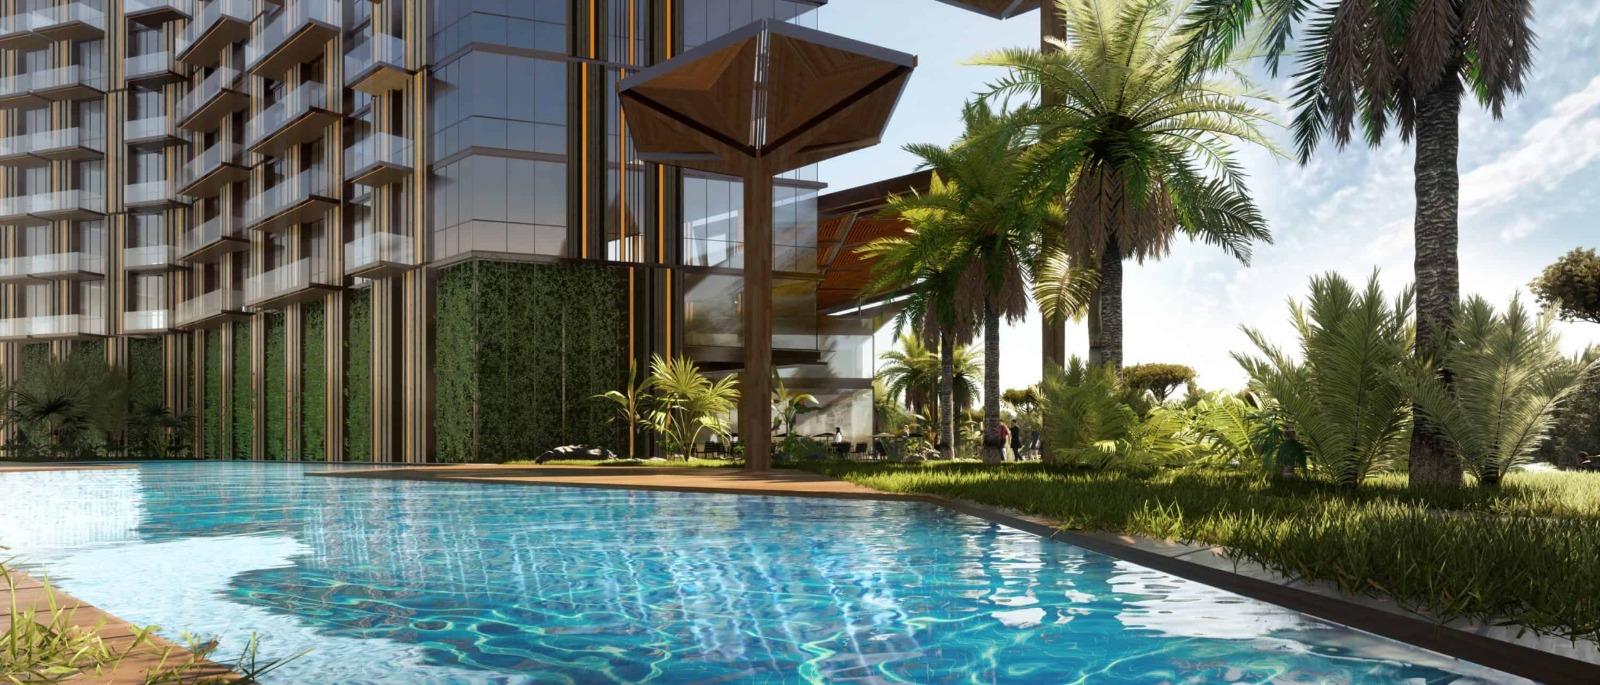 Резиденция класса люкс отельной концепции - Фото 12